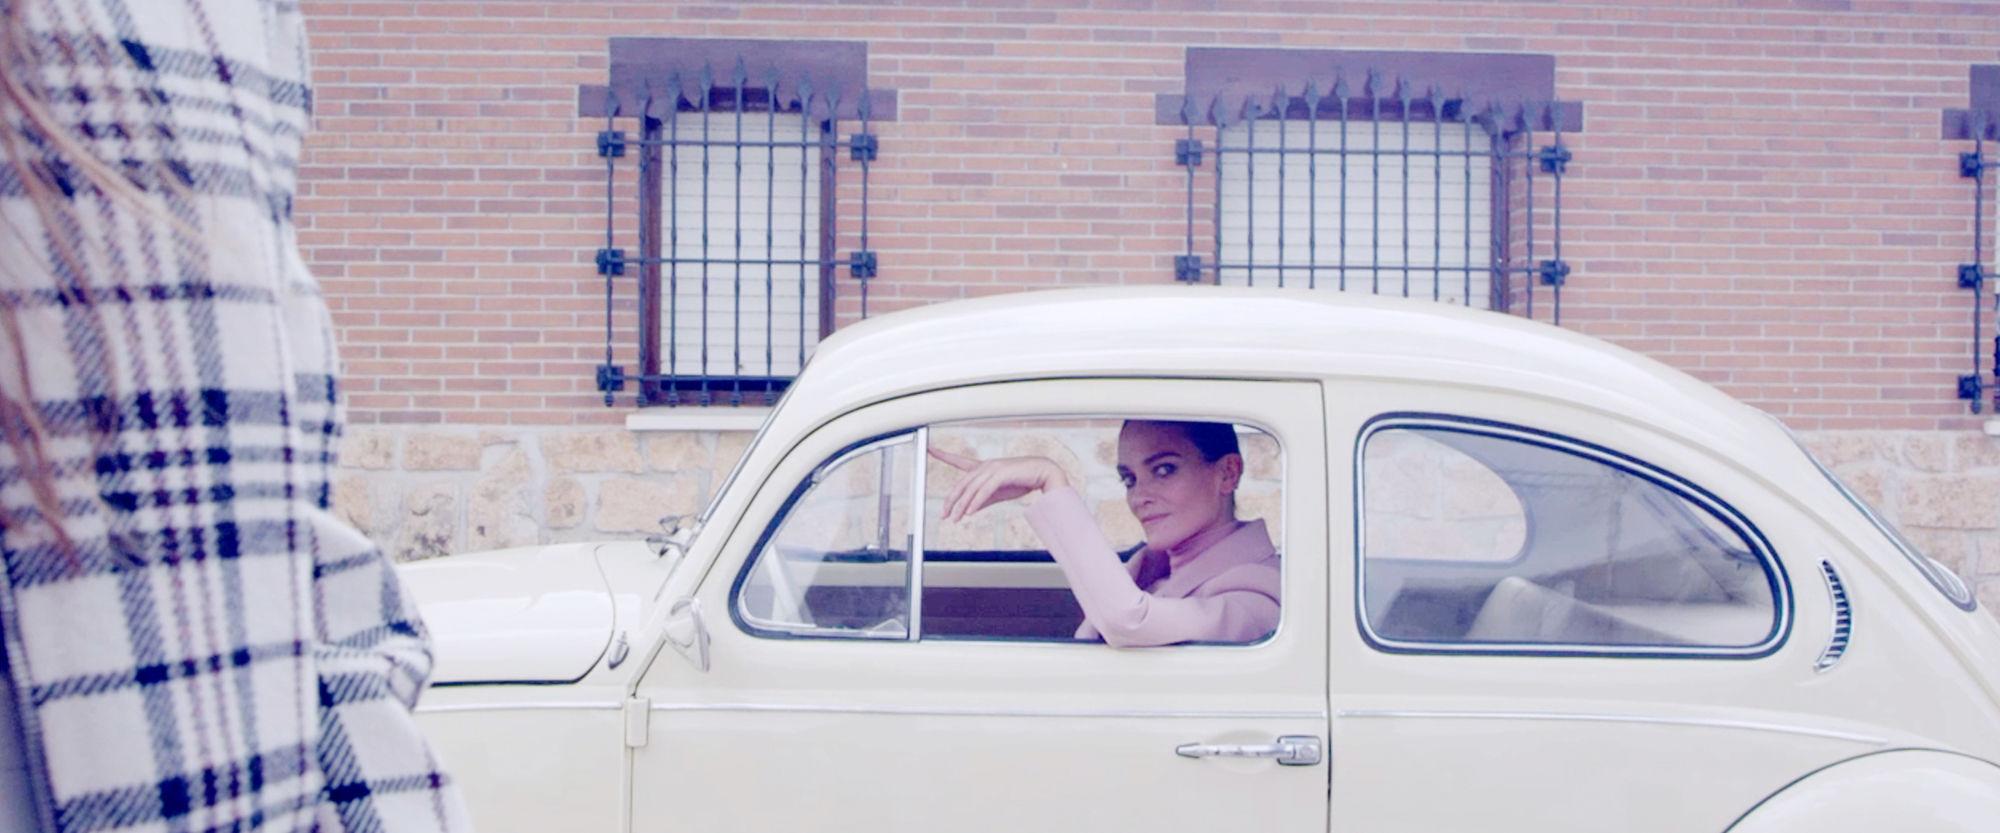 MONICA MENEZ: The Journey